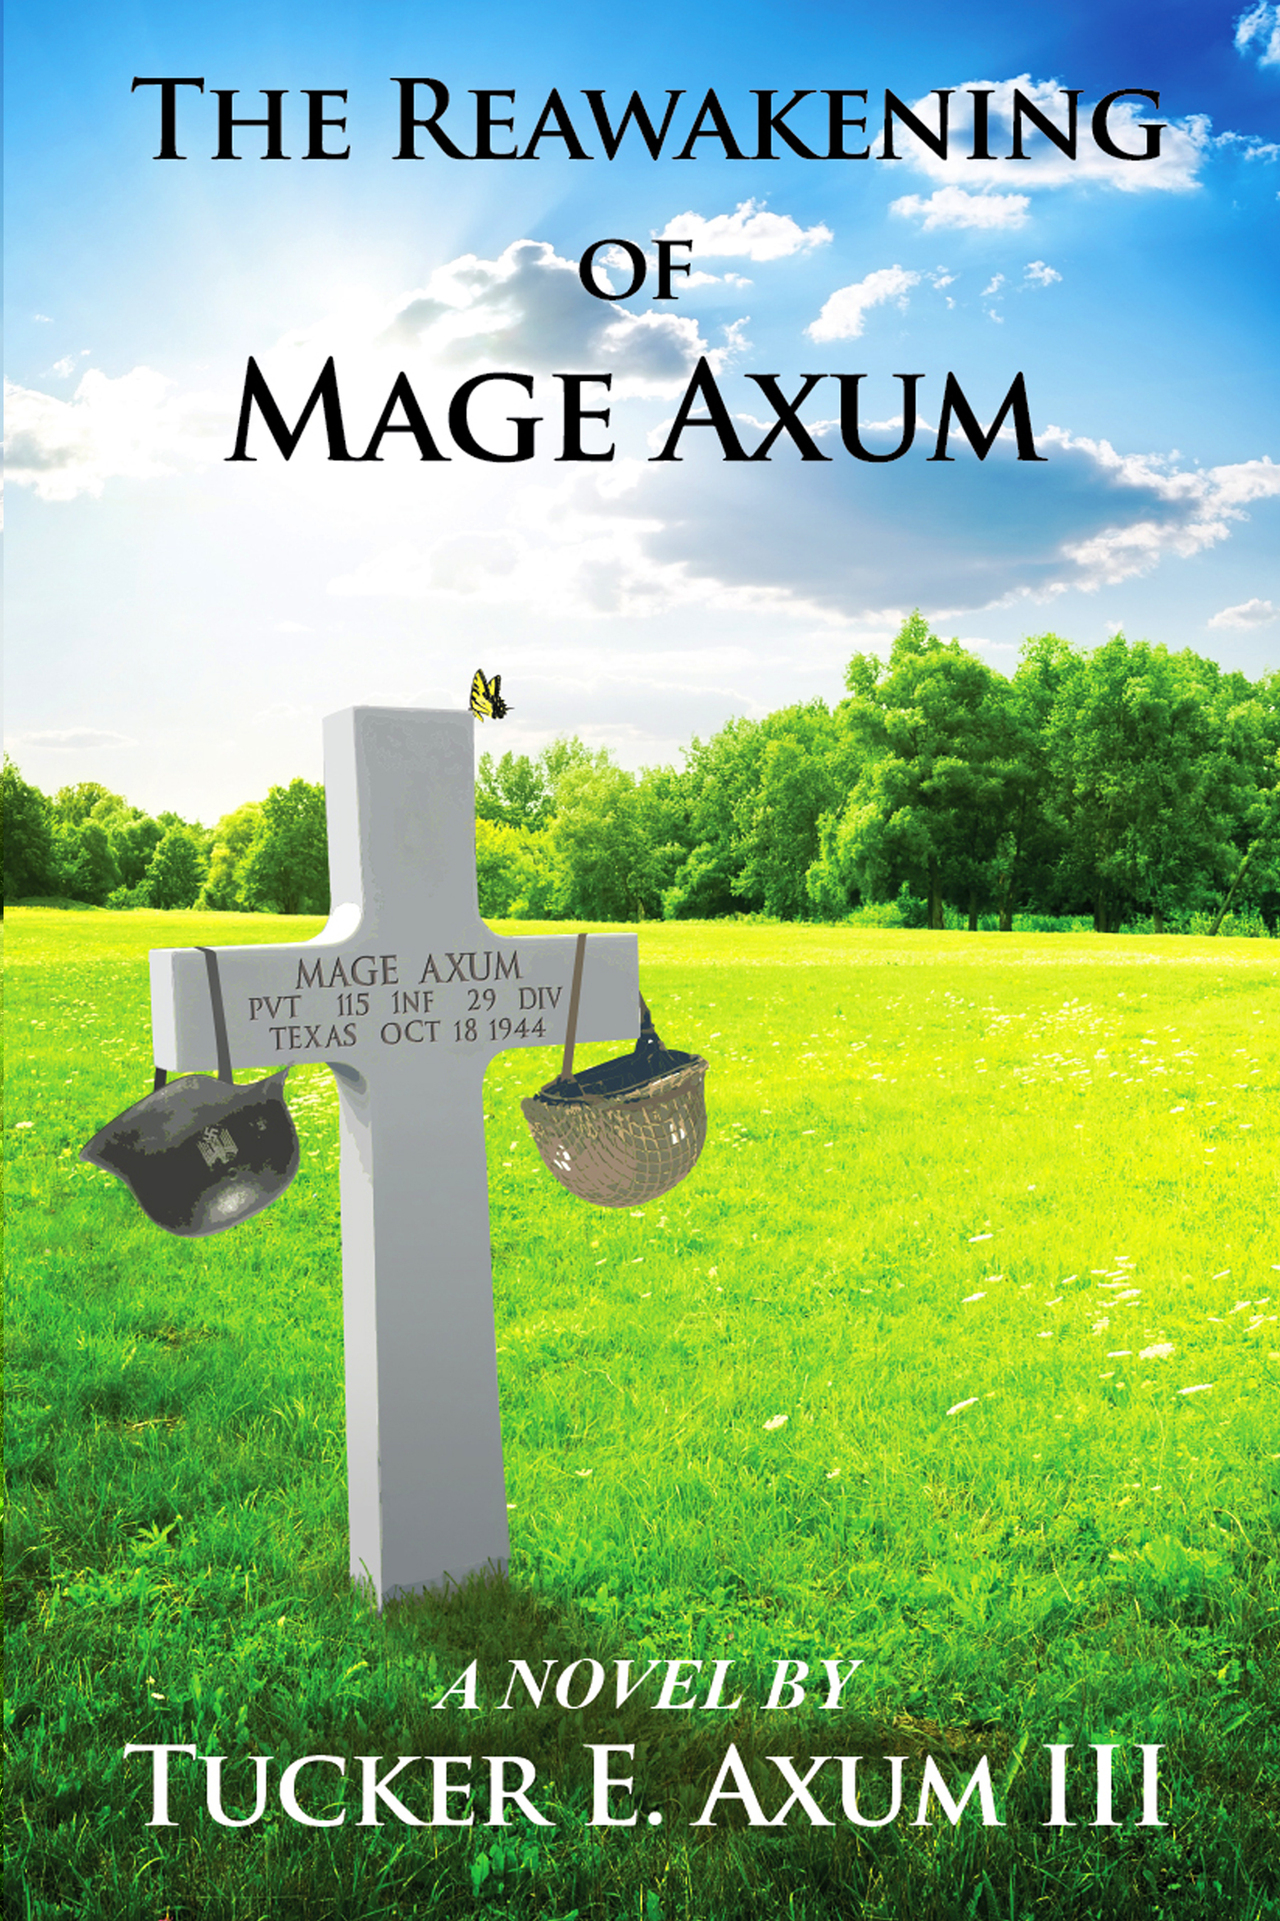 Mage axum novel by tucker axum